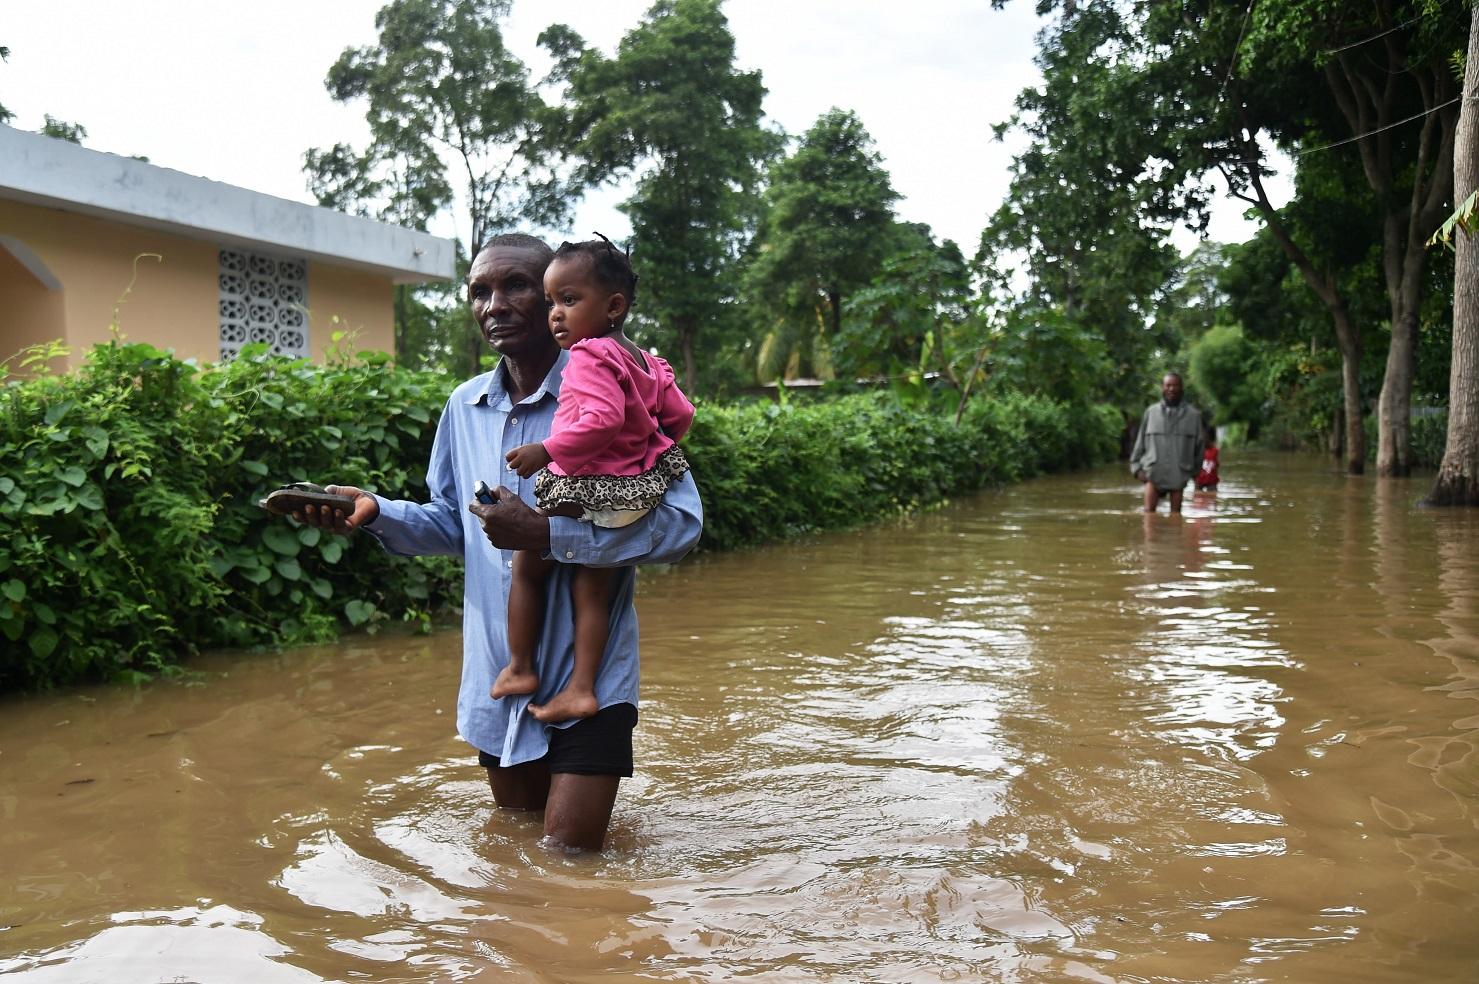 Uma das muitas ruas inundadas no Haiti depois da passagem do furacão Irma. Foto Hector Retamal/AFP